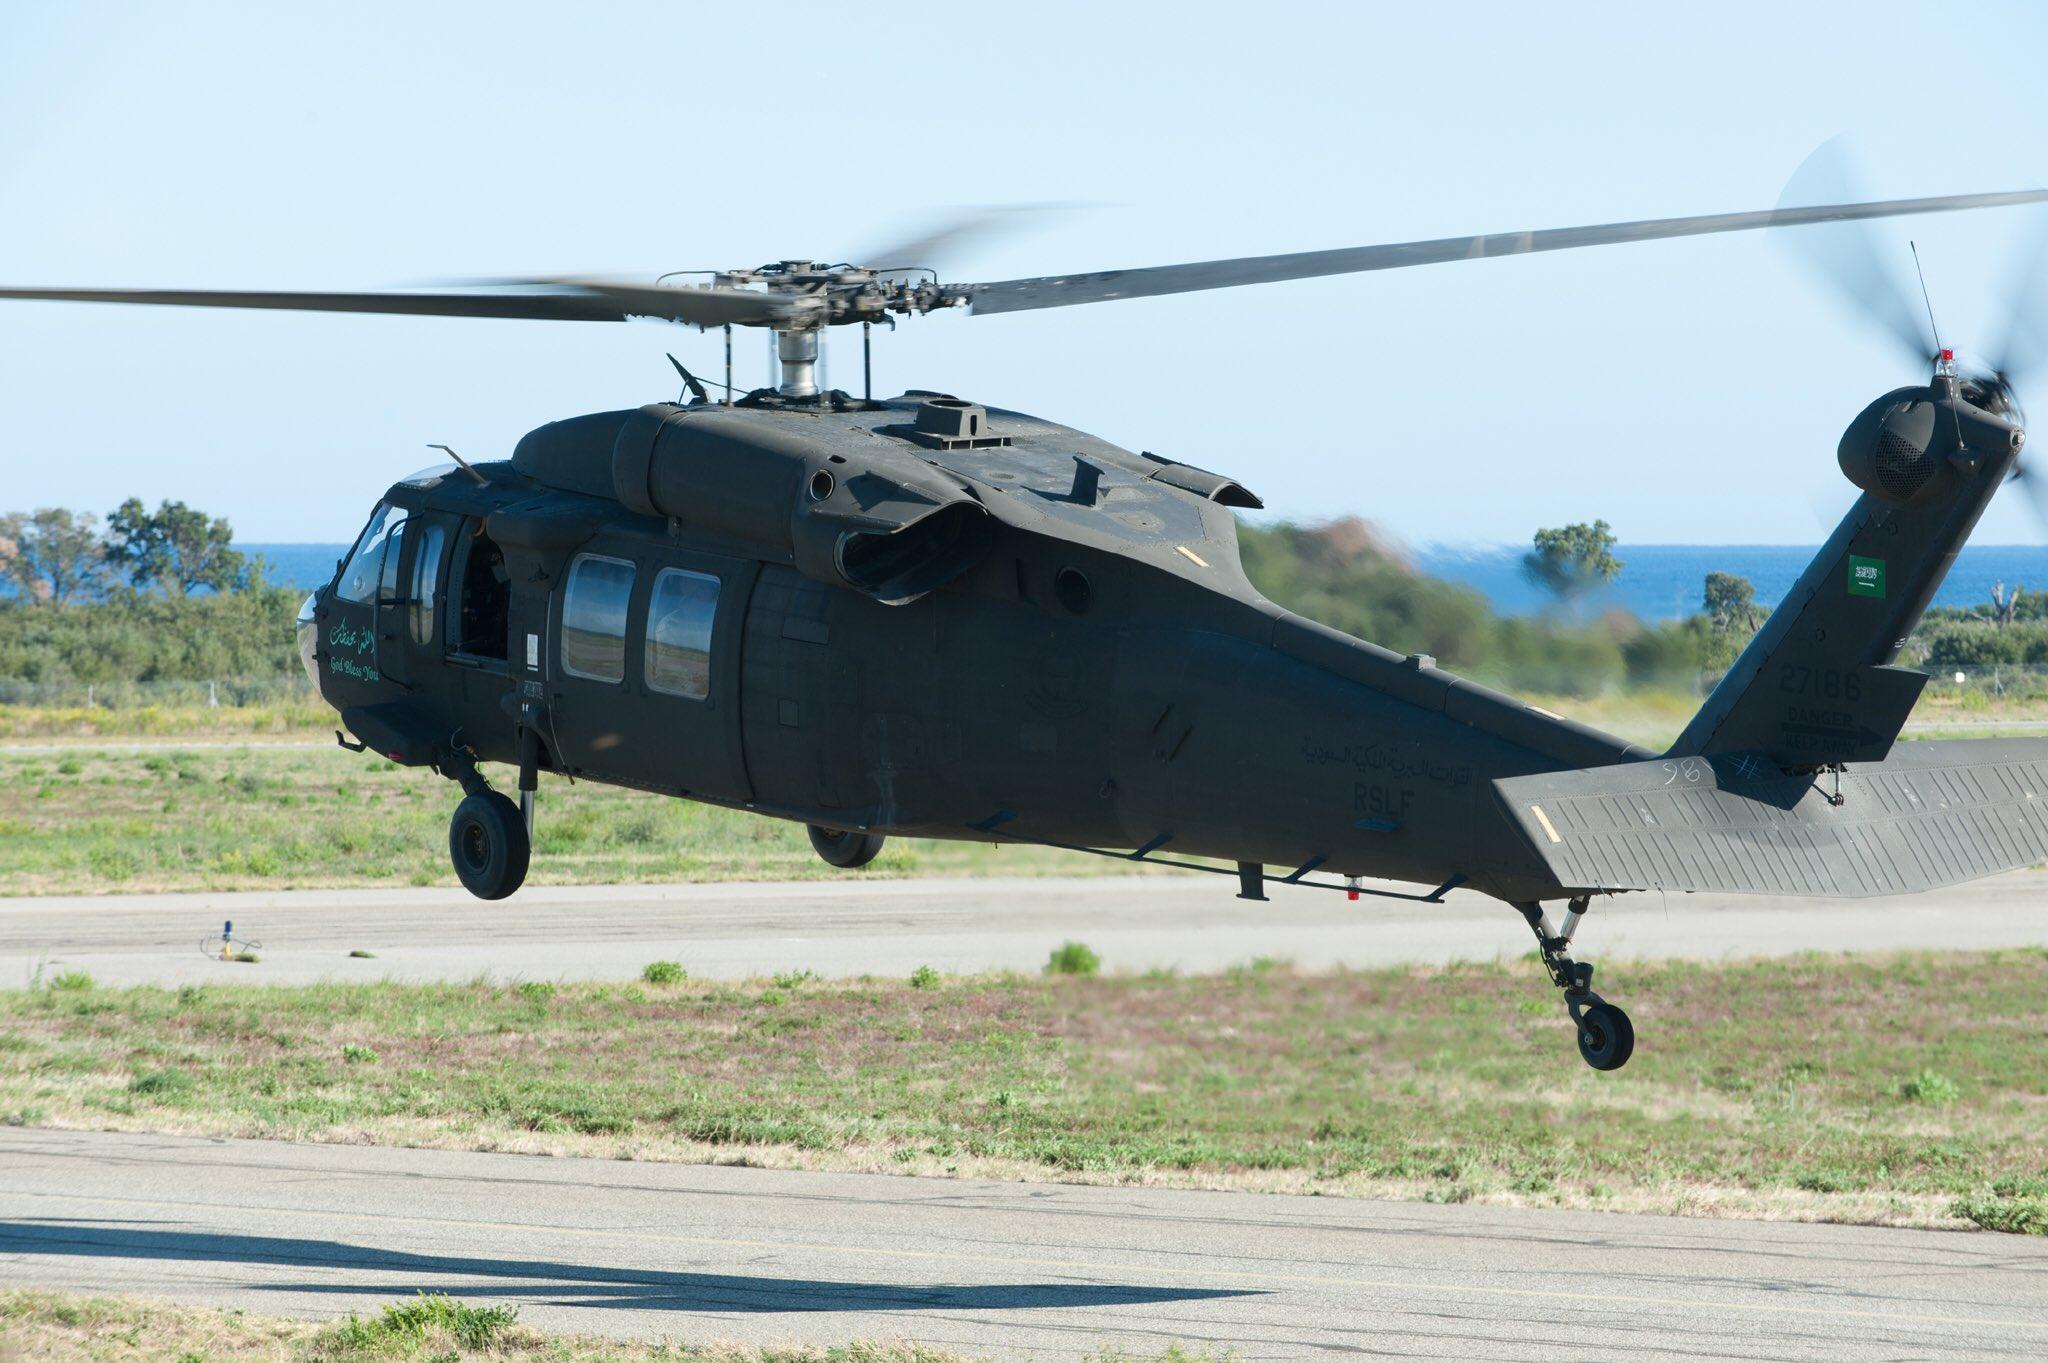 Контракт на 115 вертолетов Black Hawk для Саудовской Аравии